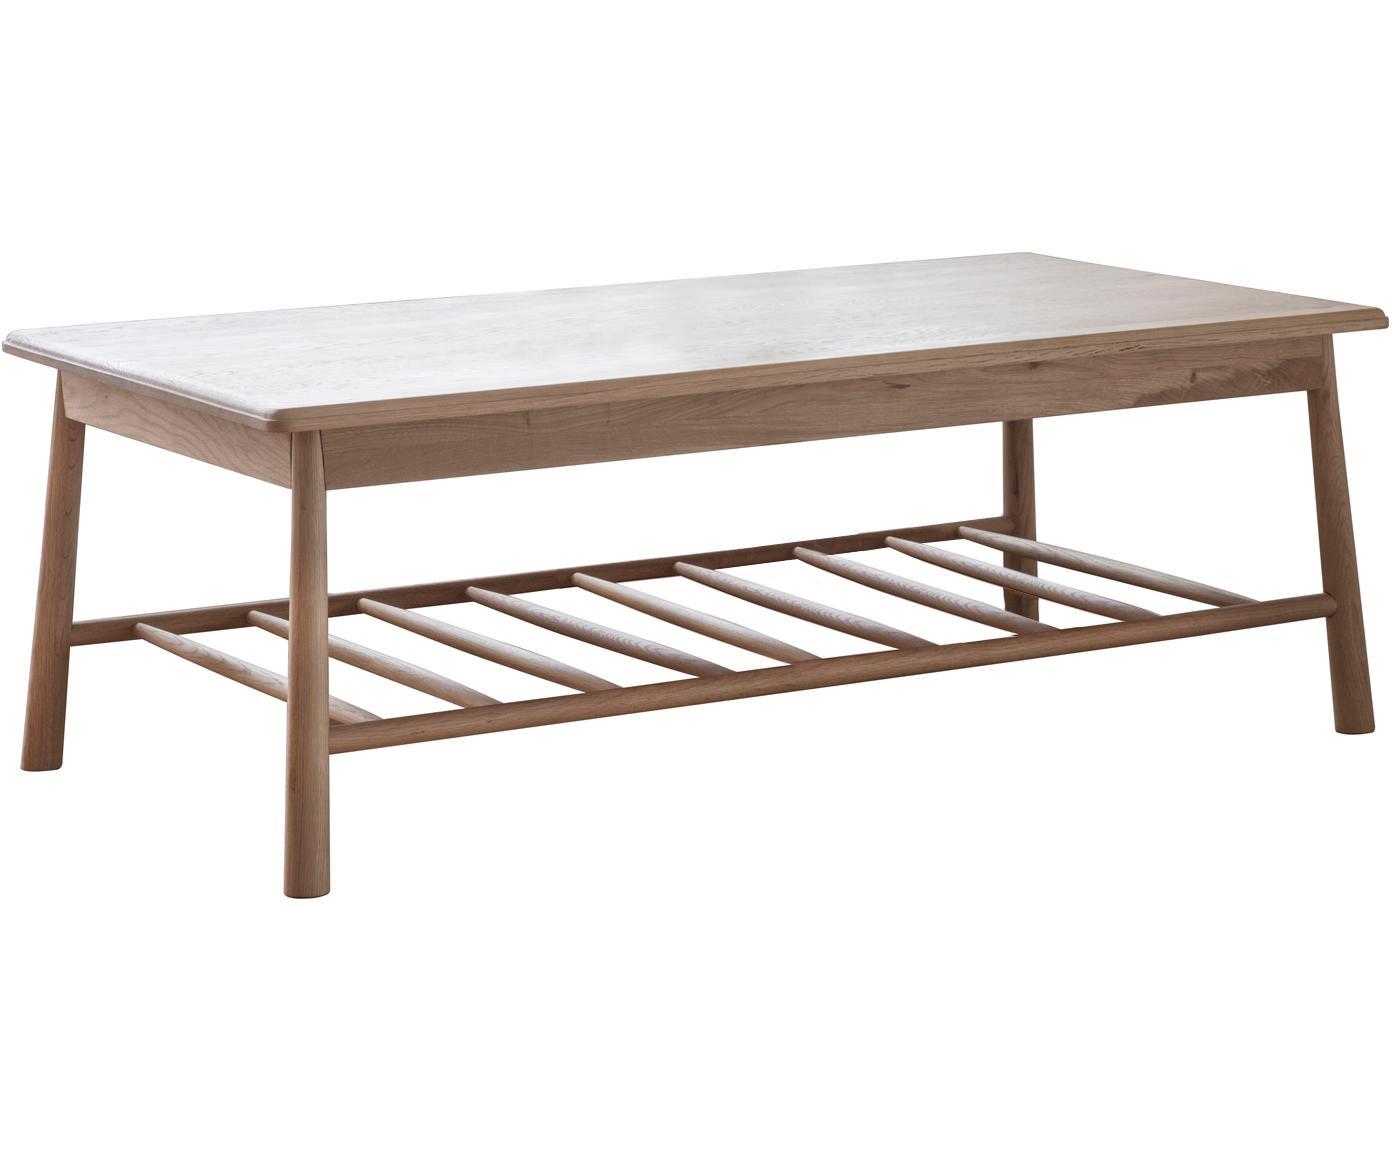 Tavolino da salotto in legno di quercia  Wycombe, Legno di quercia, Legno di quercia, Larg. 120 x Prof. 65 cm